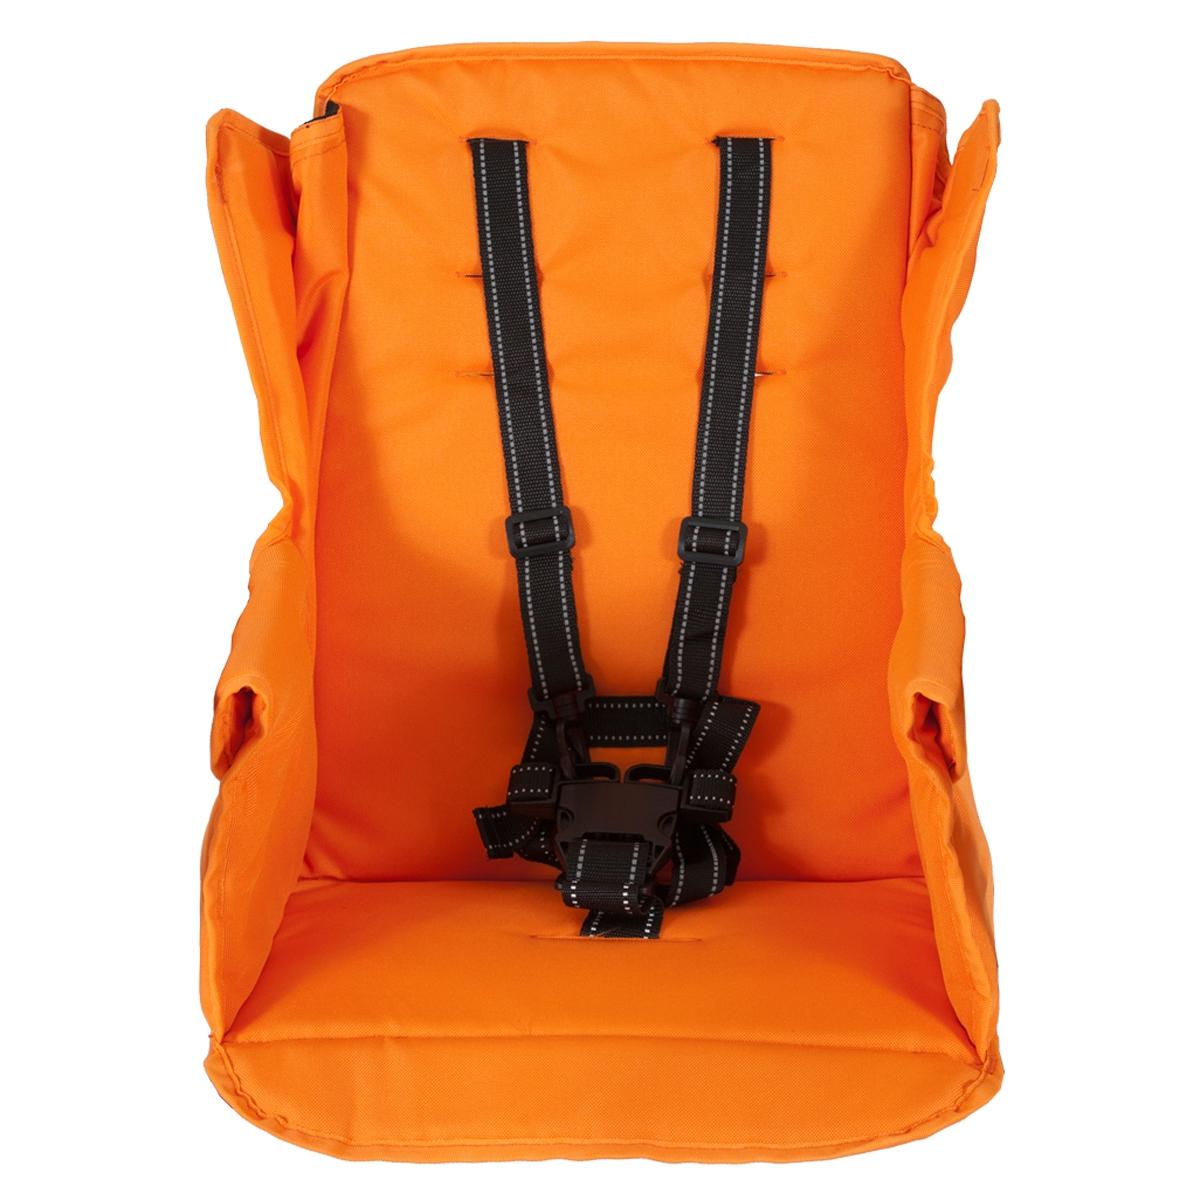 Второе сидение Joovy Caboose Too Seat для колясок Caboose, Caboose Ultralight и Big Caboose Оранжевое